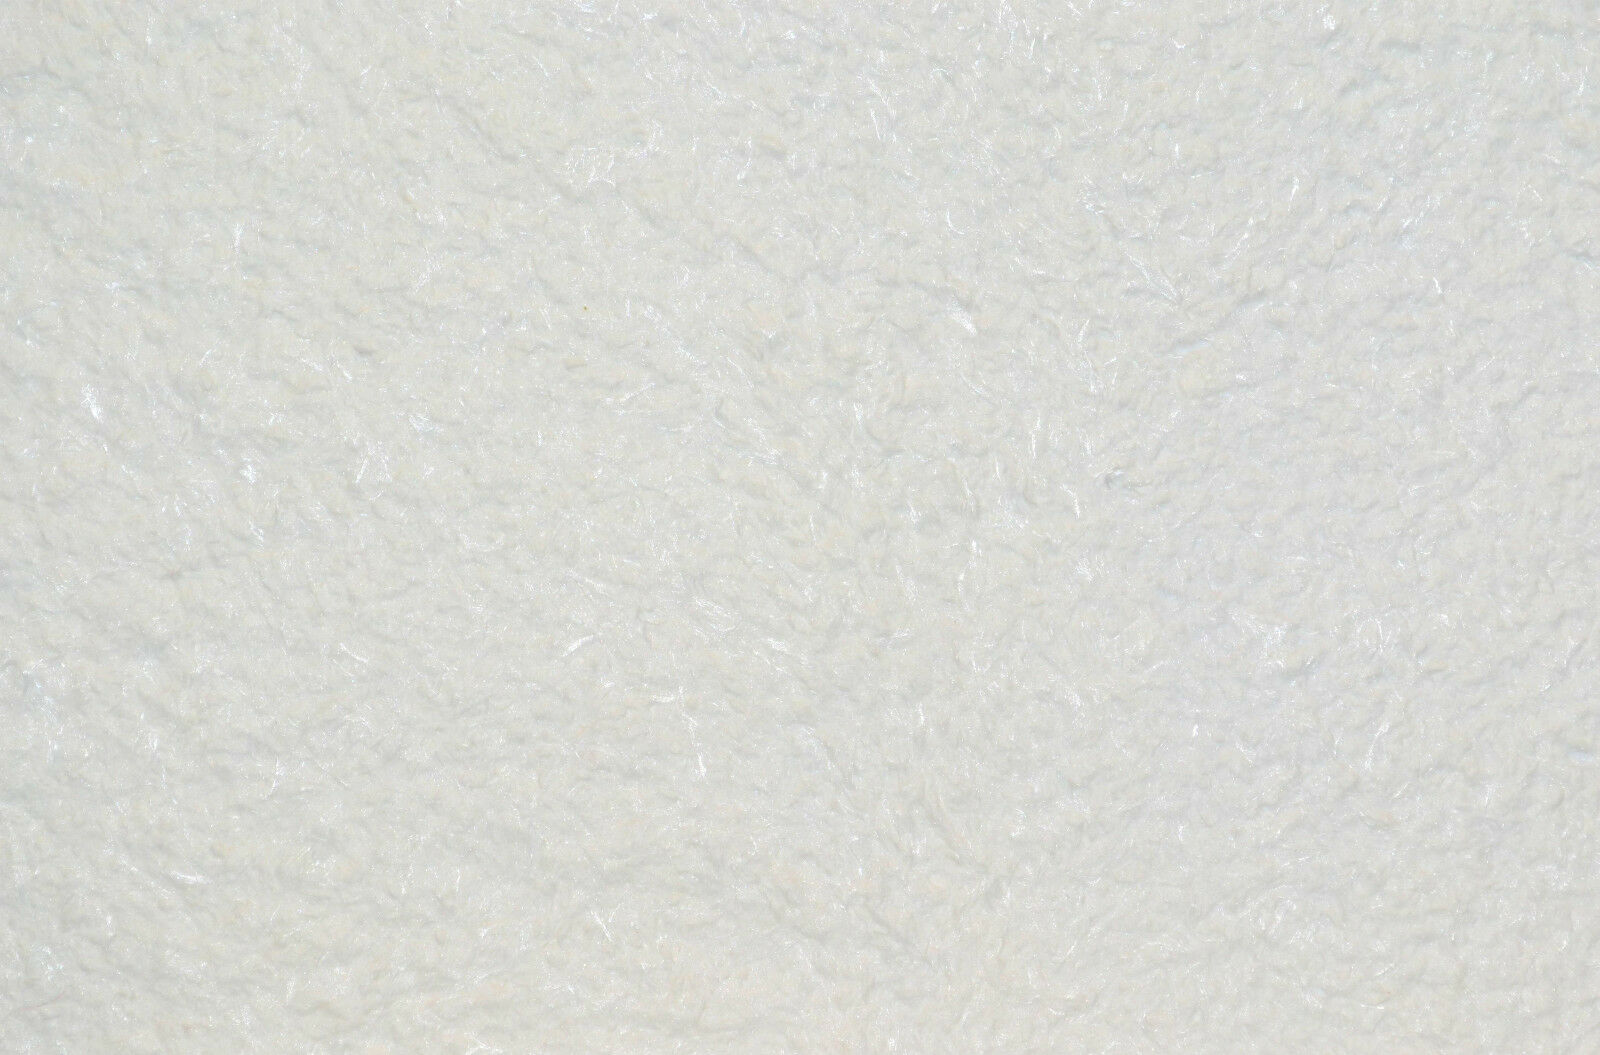 6 Pakete Dekorputz Flüssigtapete Silk Plaster Tapete Baumwollputz